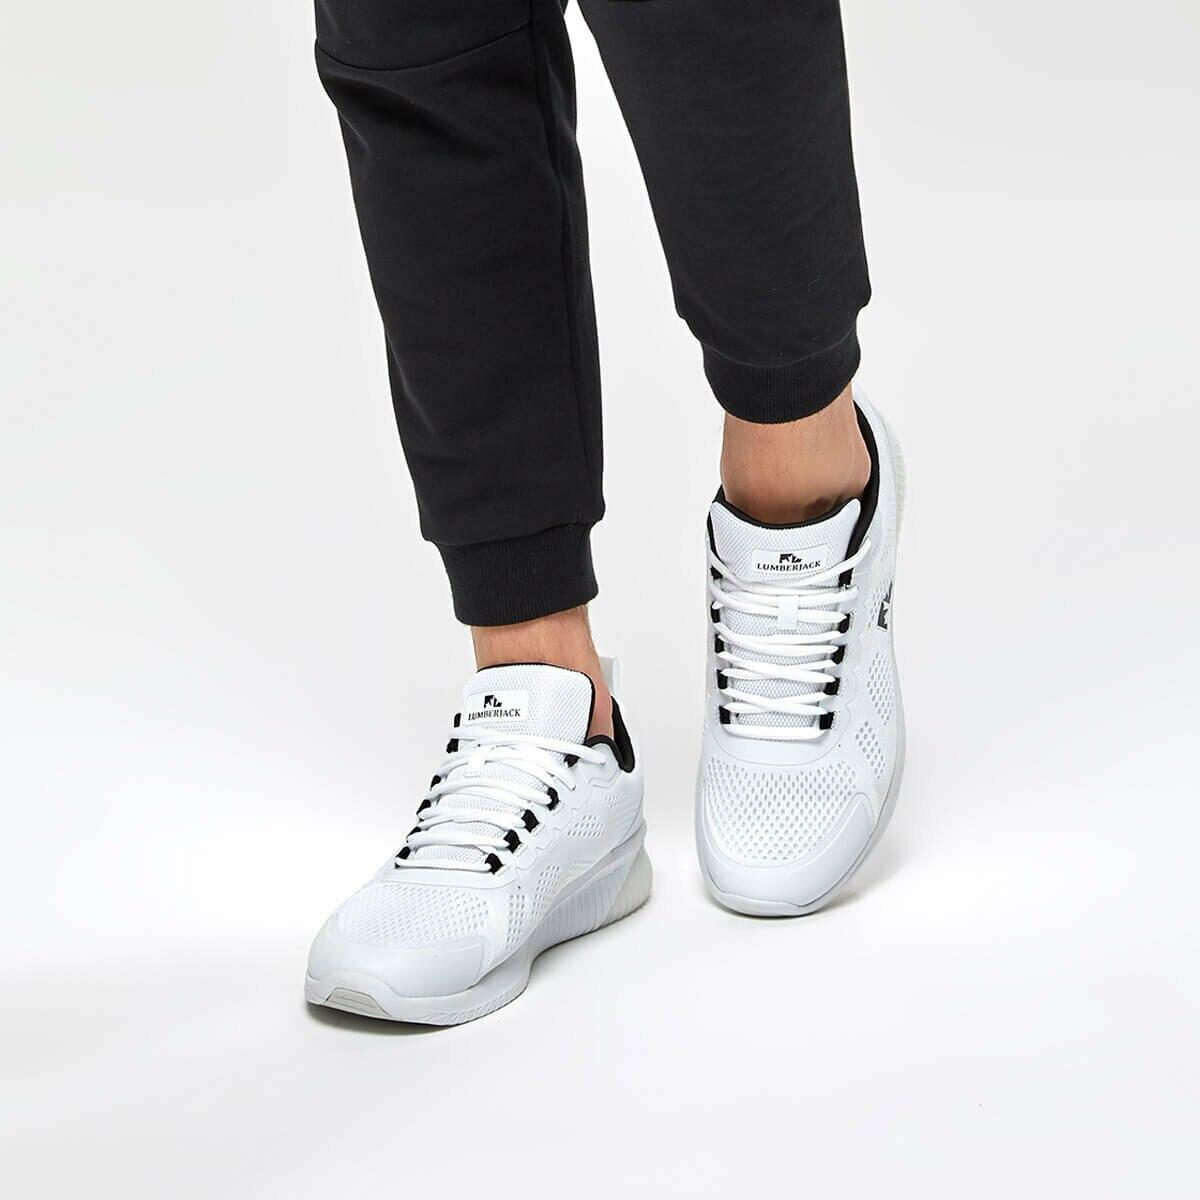 FLO FAITH White Men 'S Sneaker Shoes LUMBERJACK